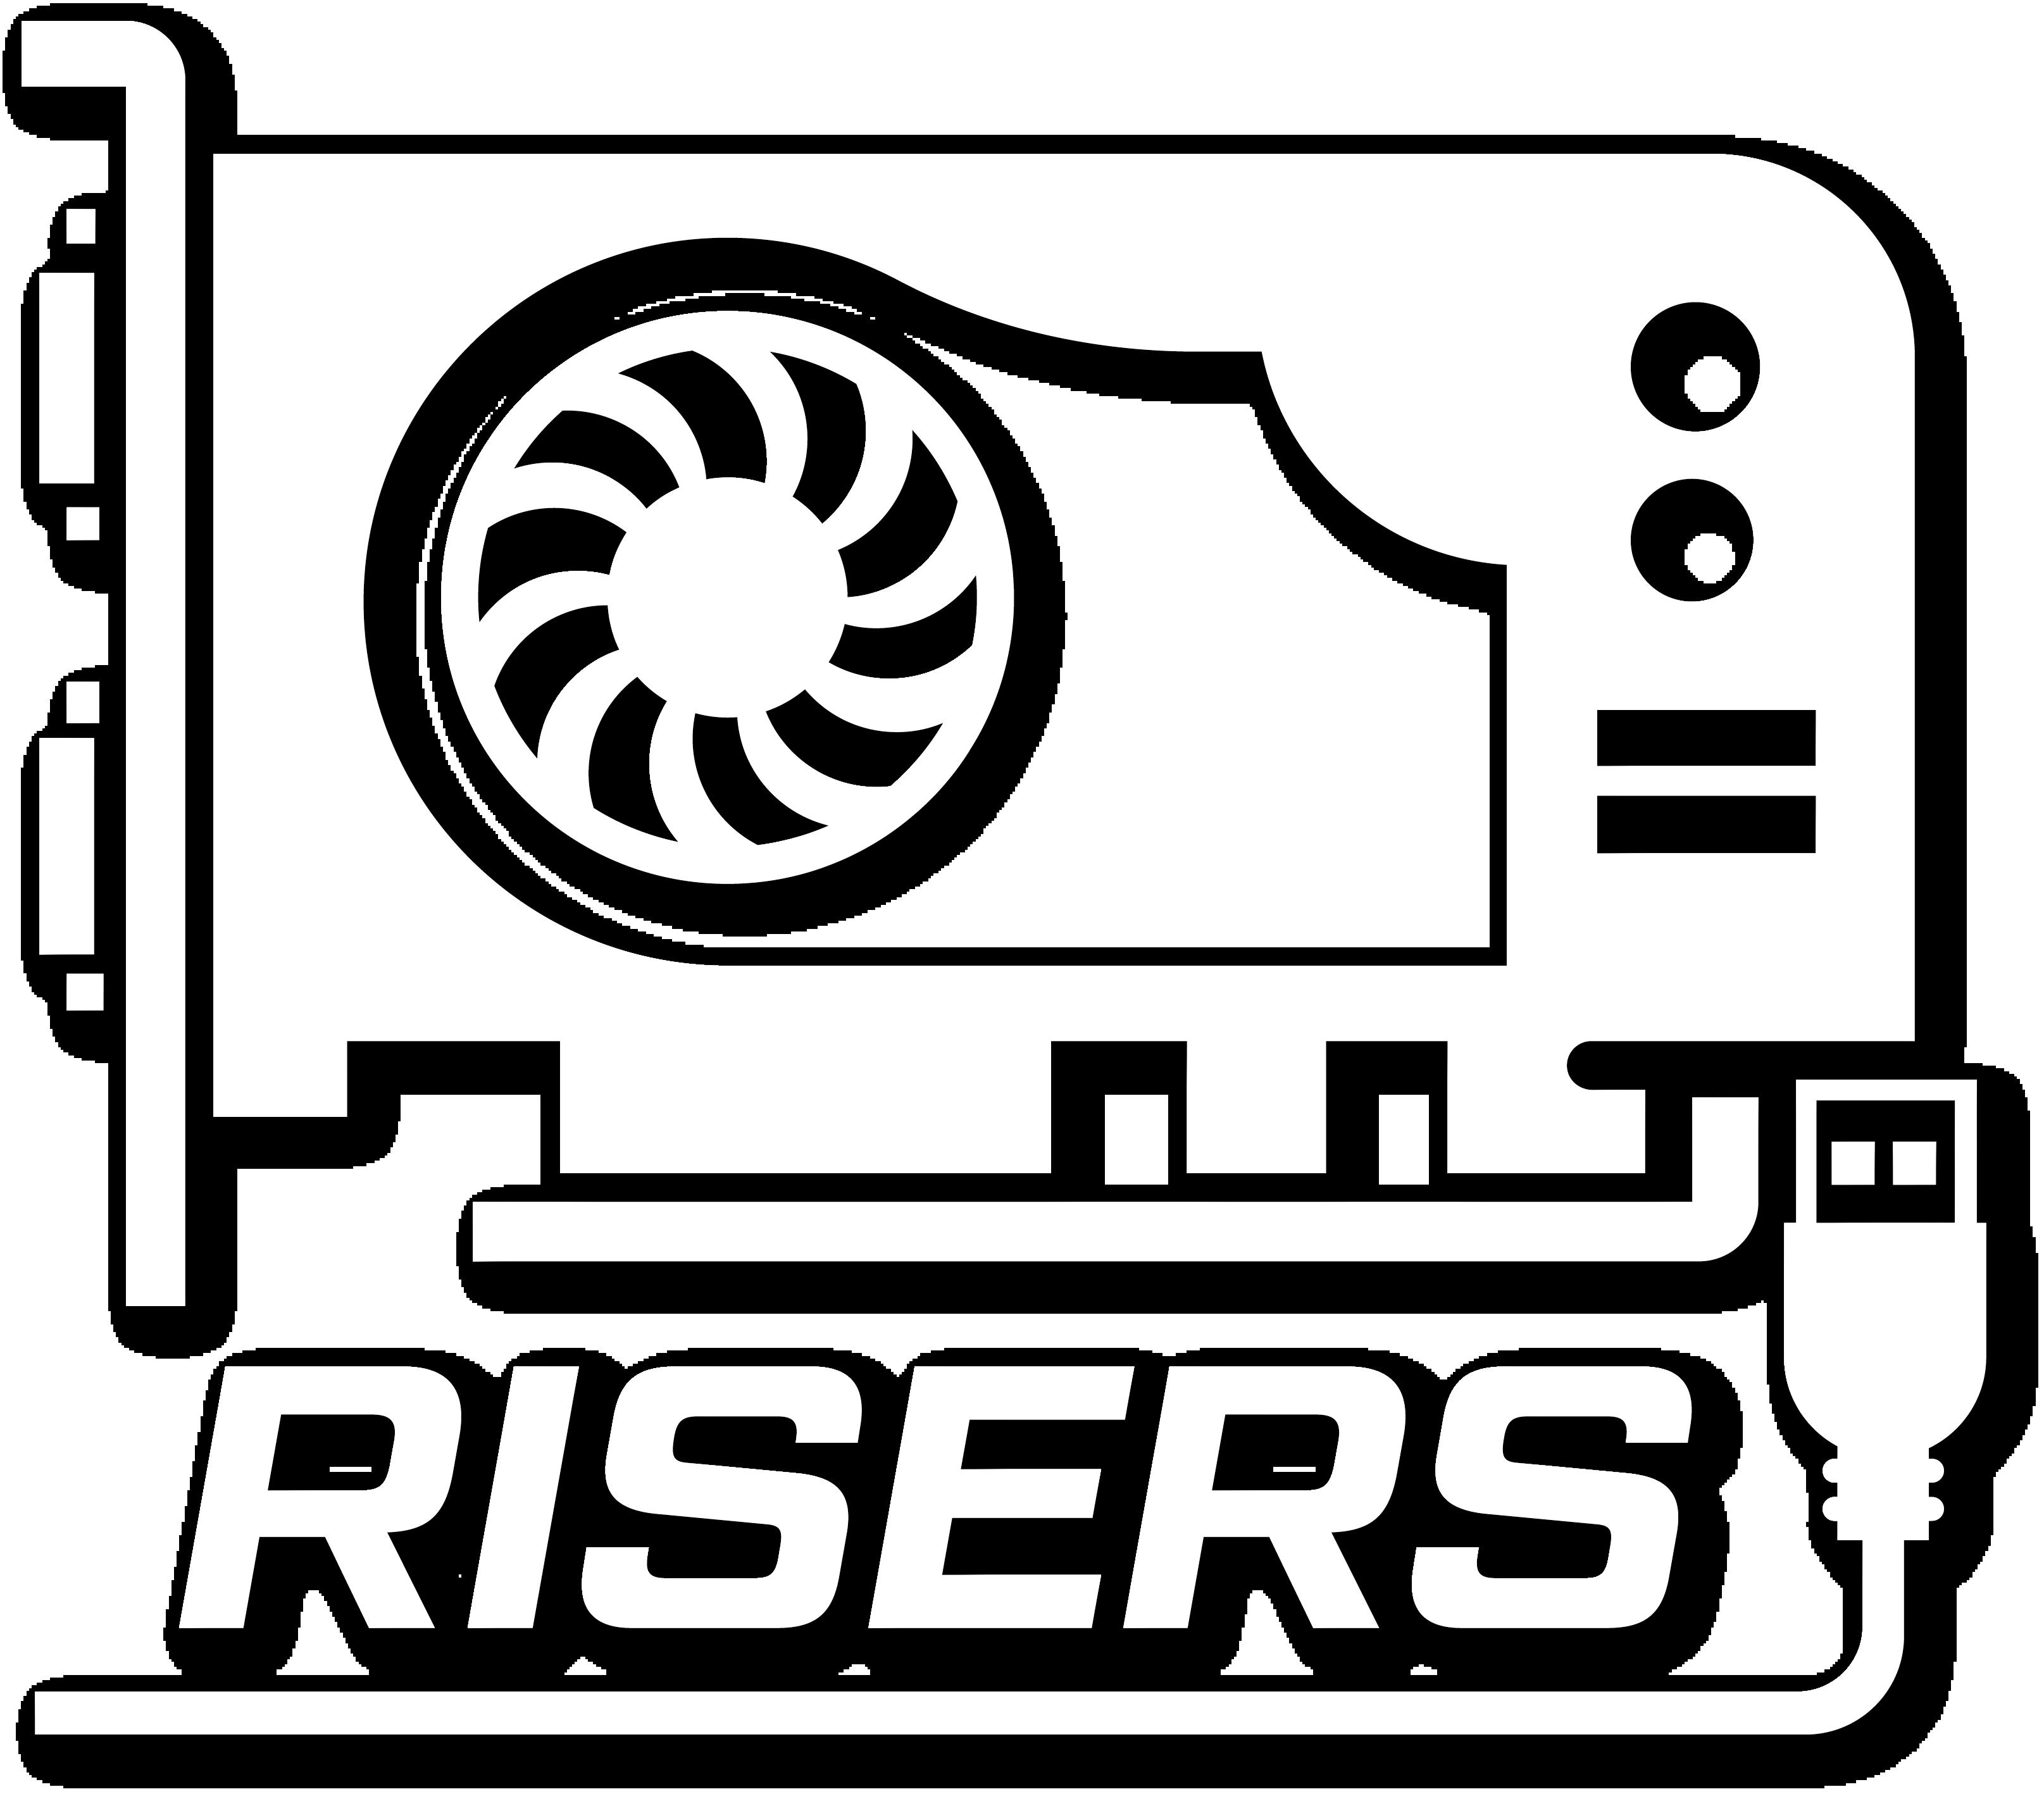 GPURisers.com